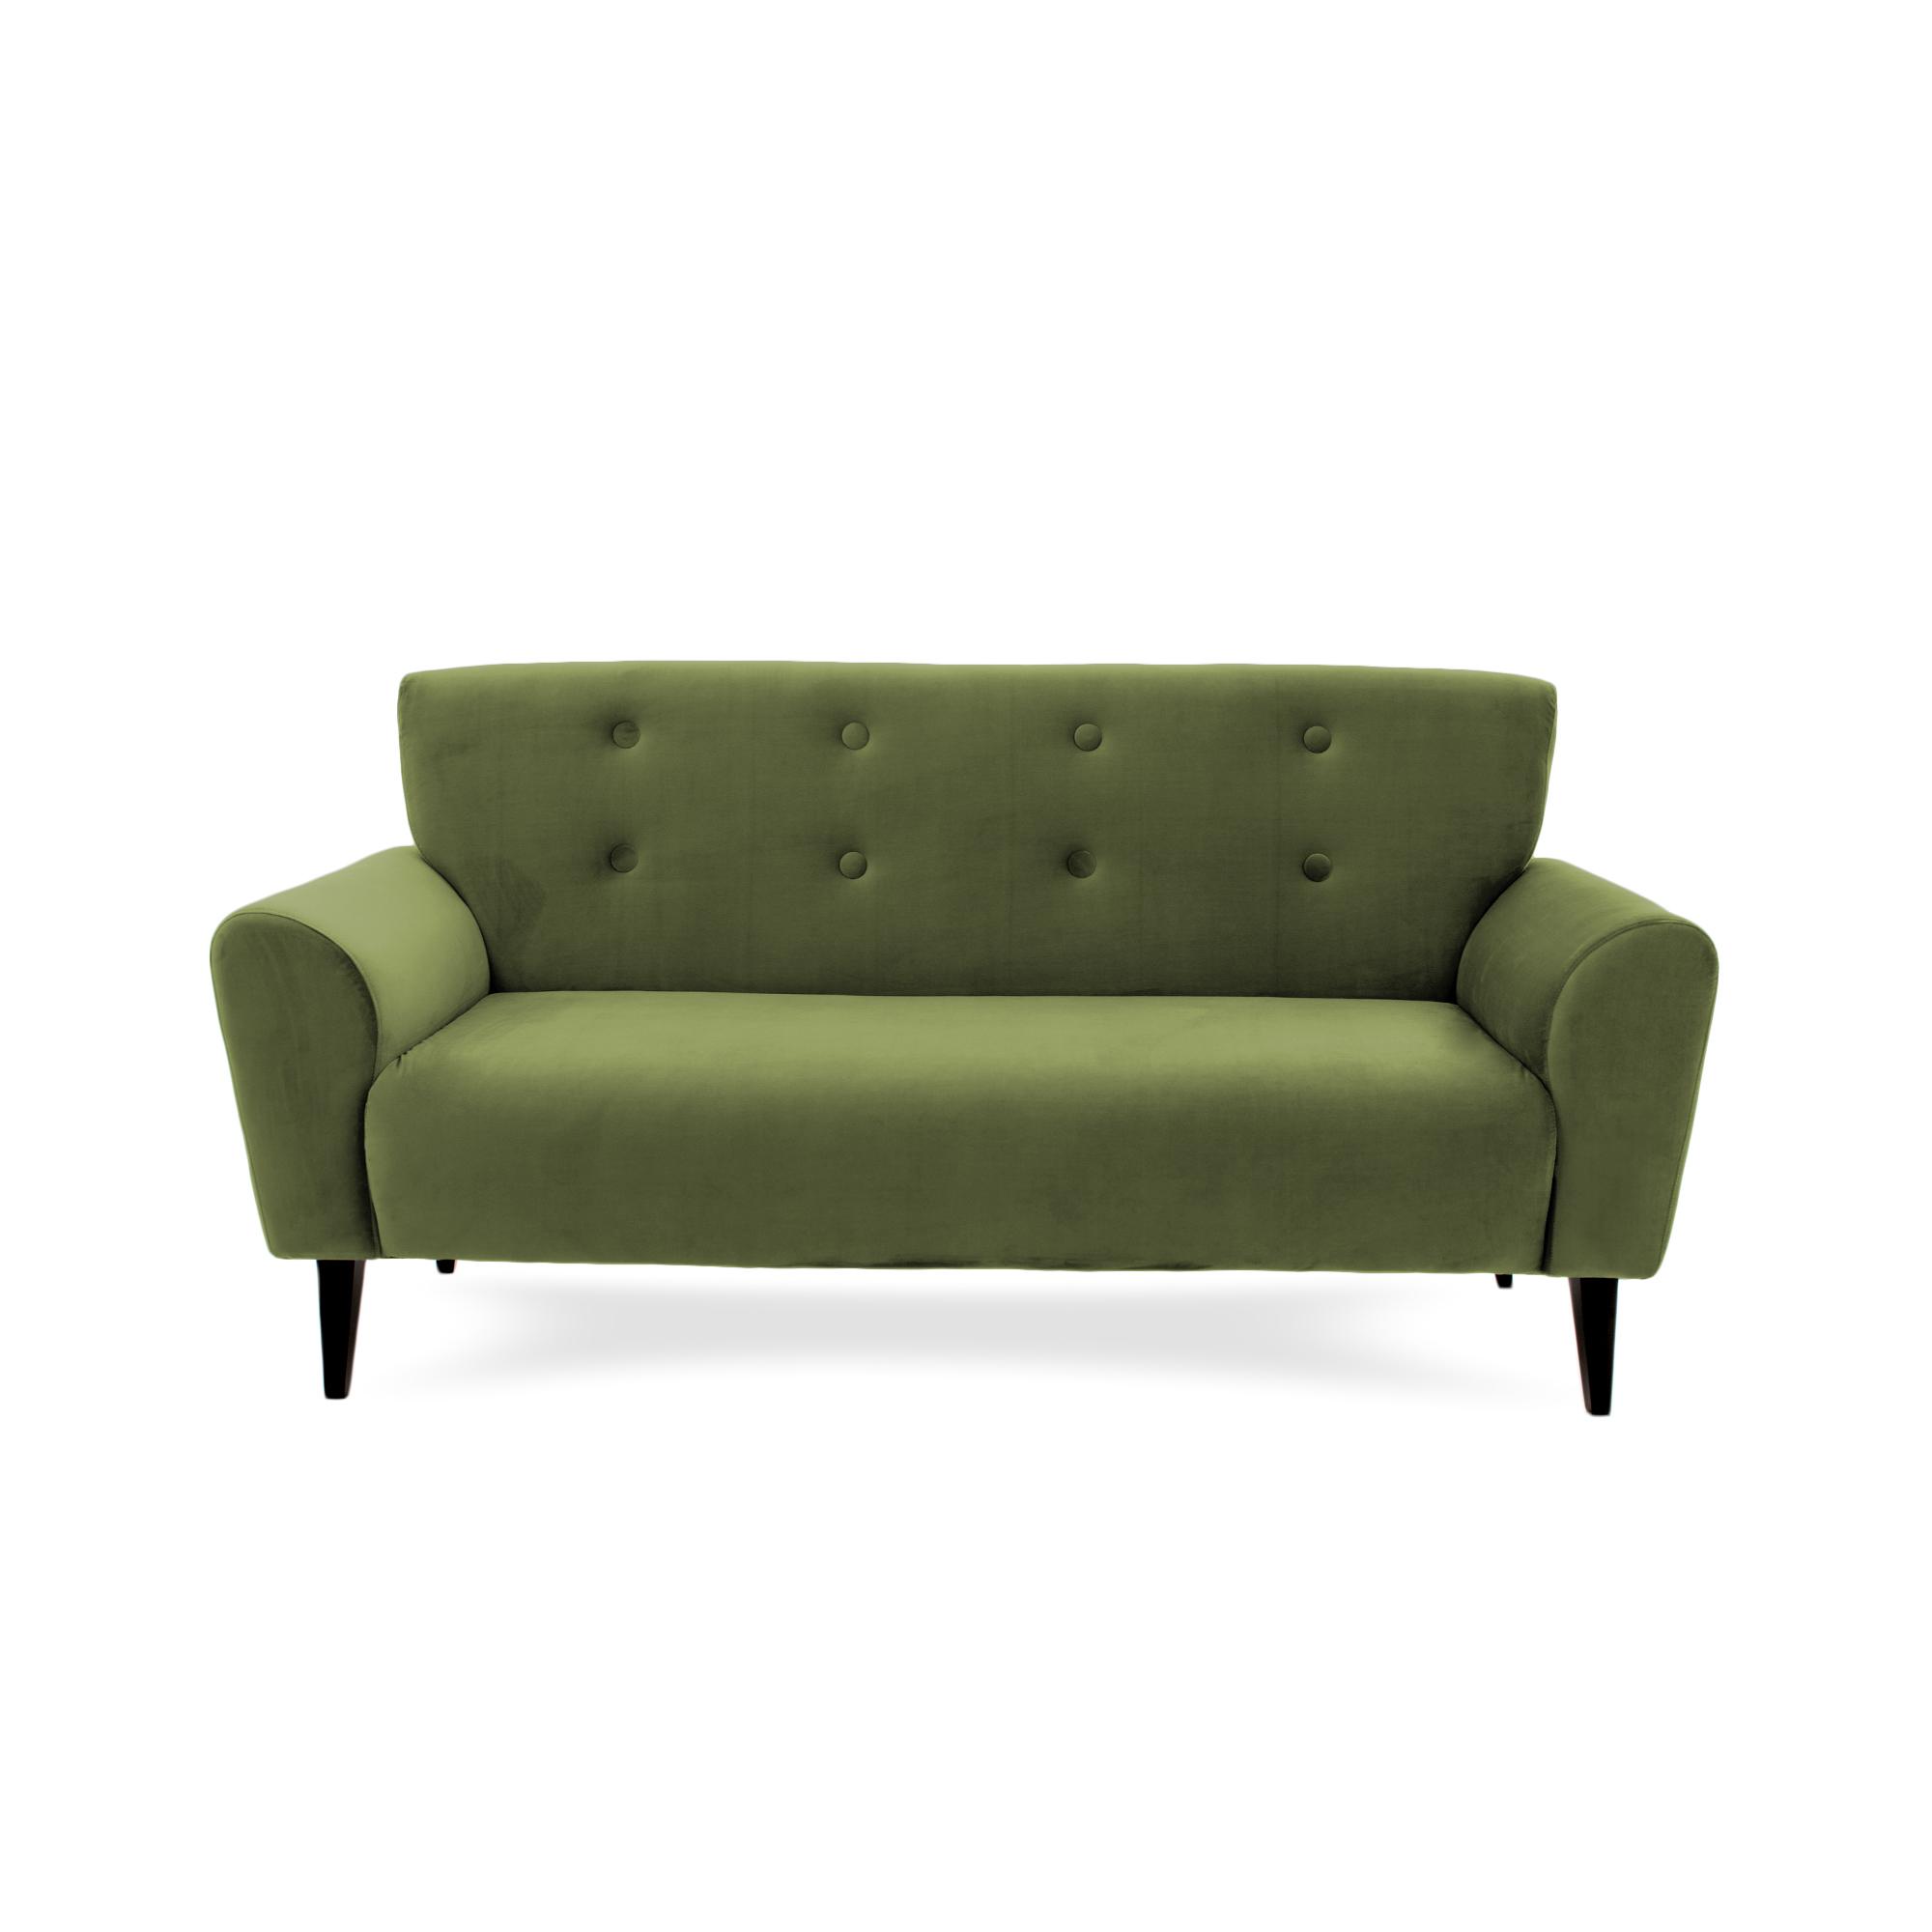 Canapea Fixa 3 Locuri Kiara Olive Green